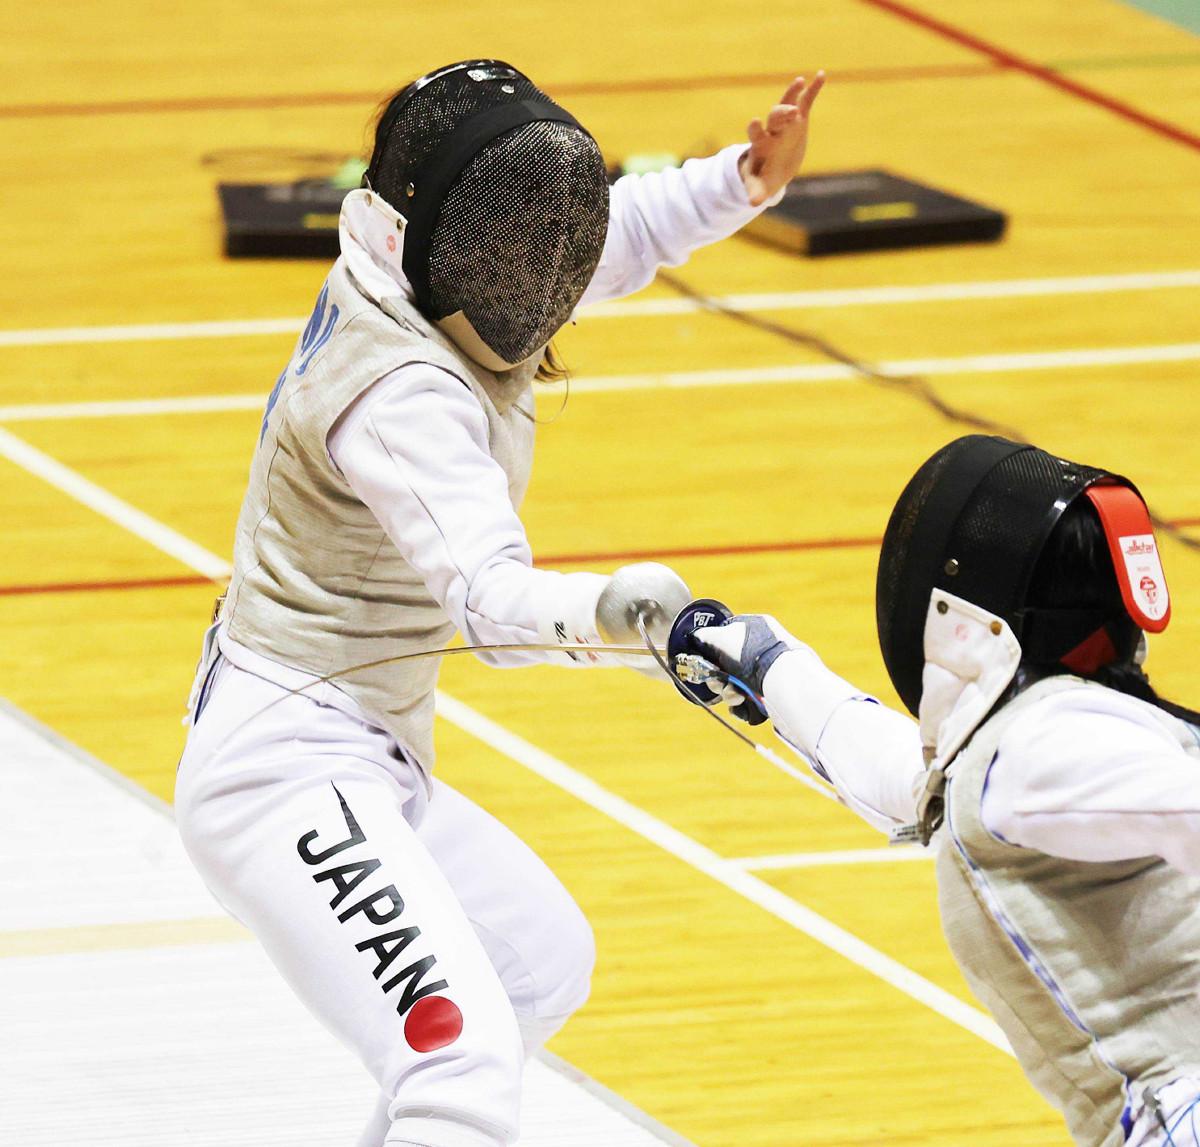 フェンシングの東京五輪出場権に関わる国際大会が3月再開へ